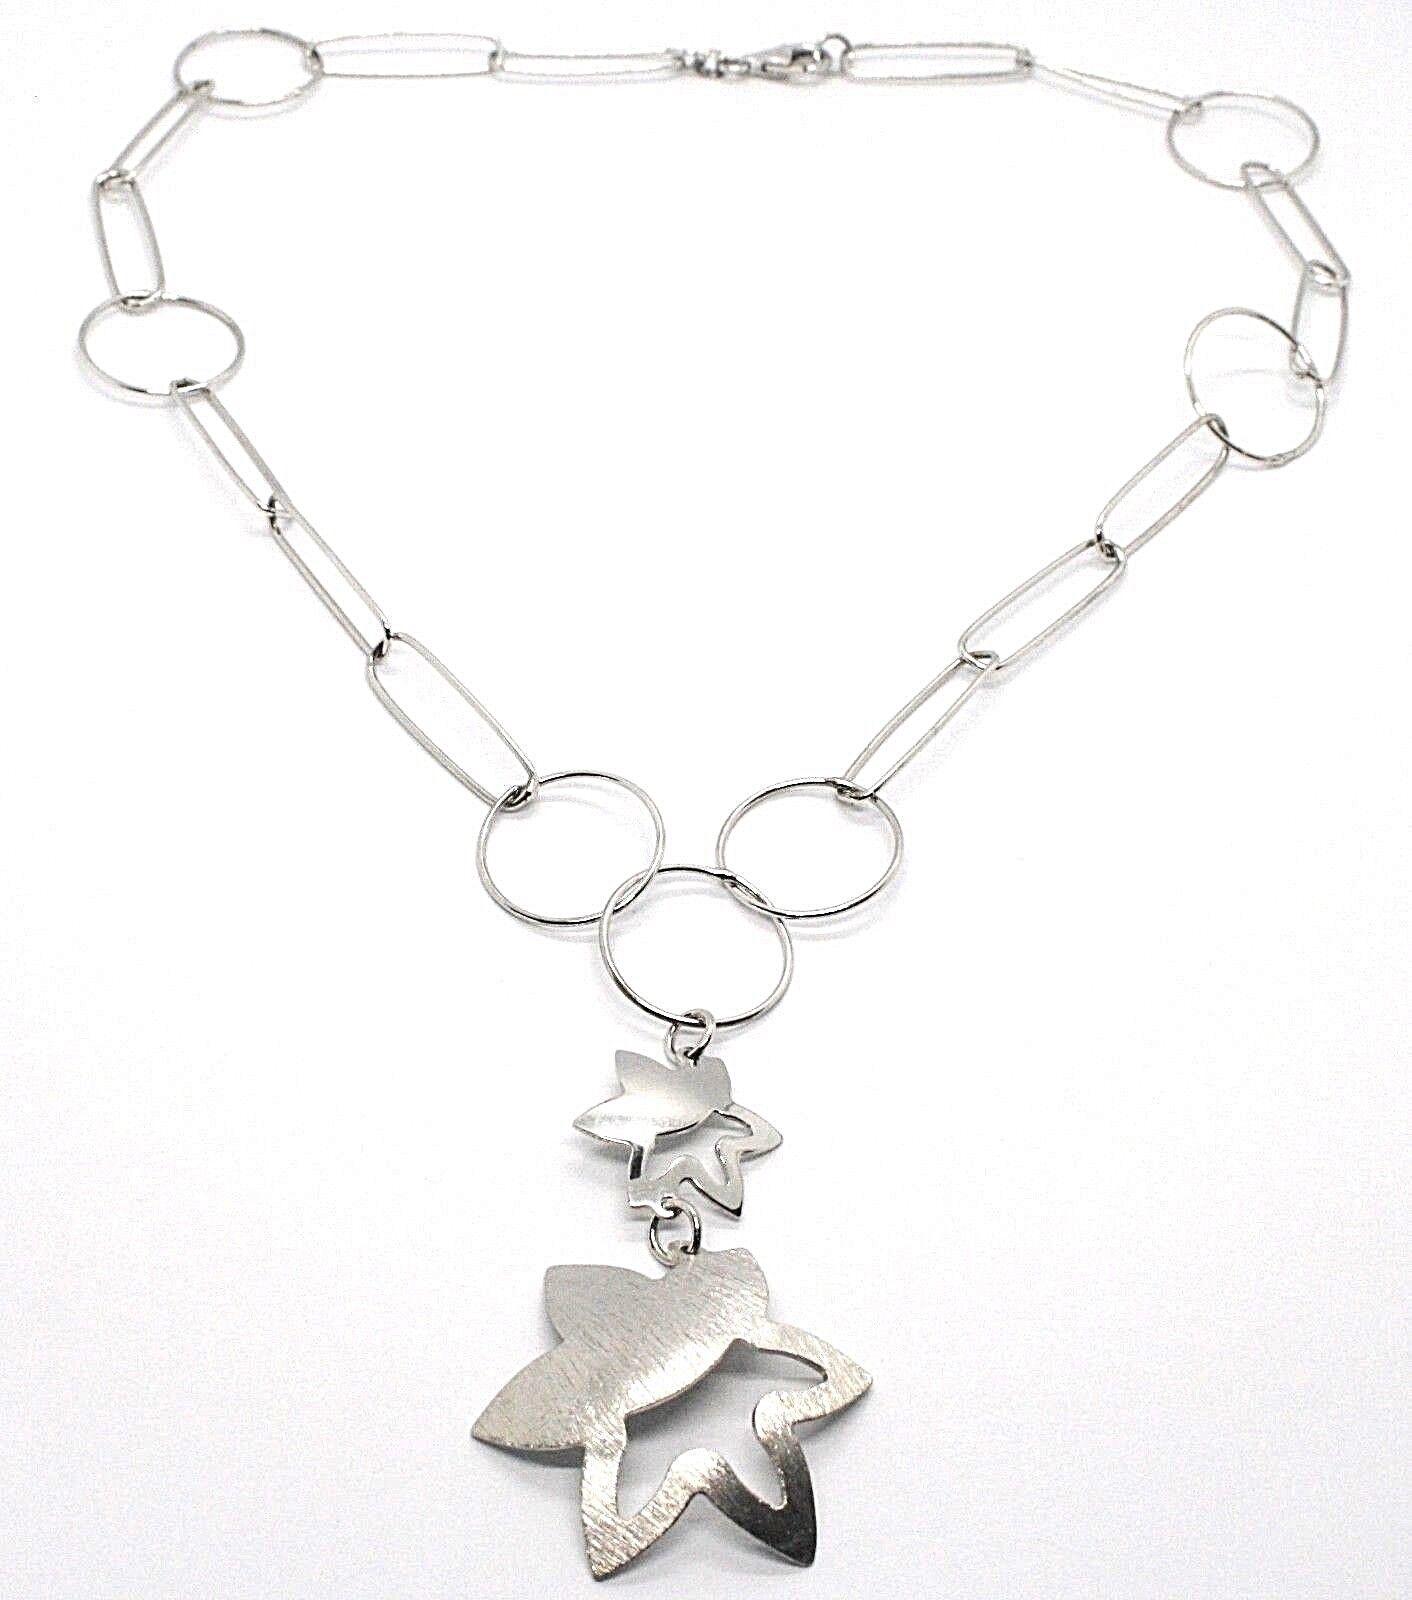 Collier en silver 925, Chaîne Cercles, Double Fleur, Soleil Pendentifs, Satinés